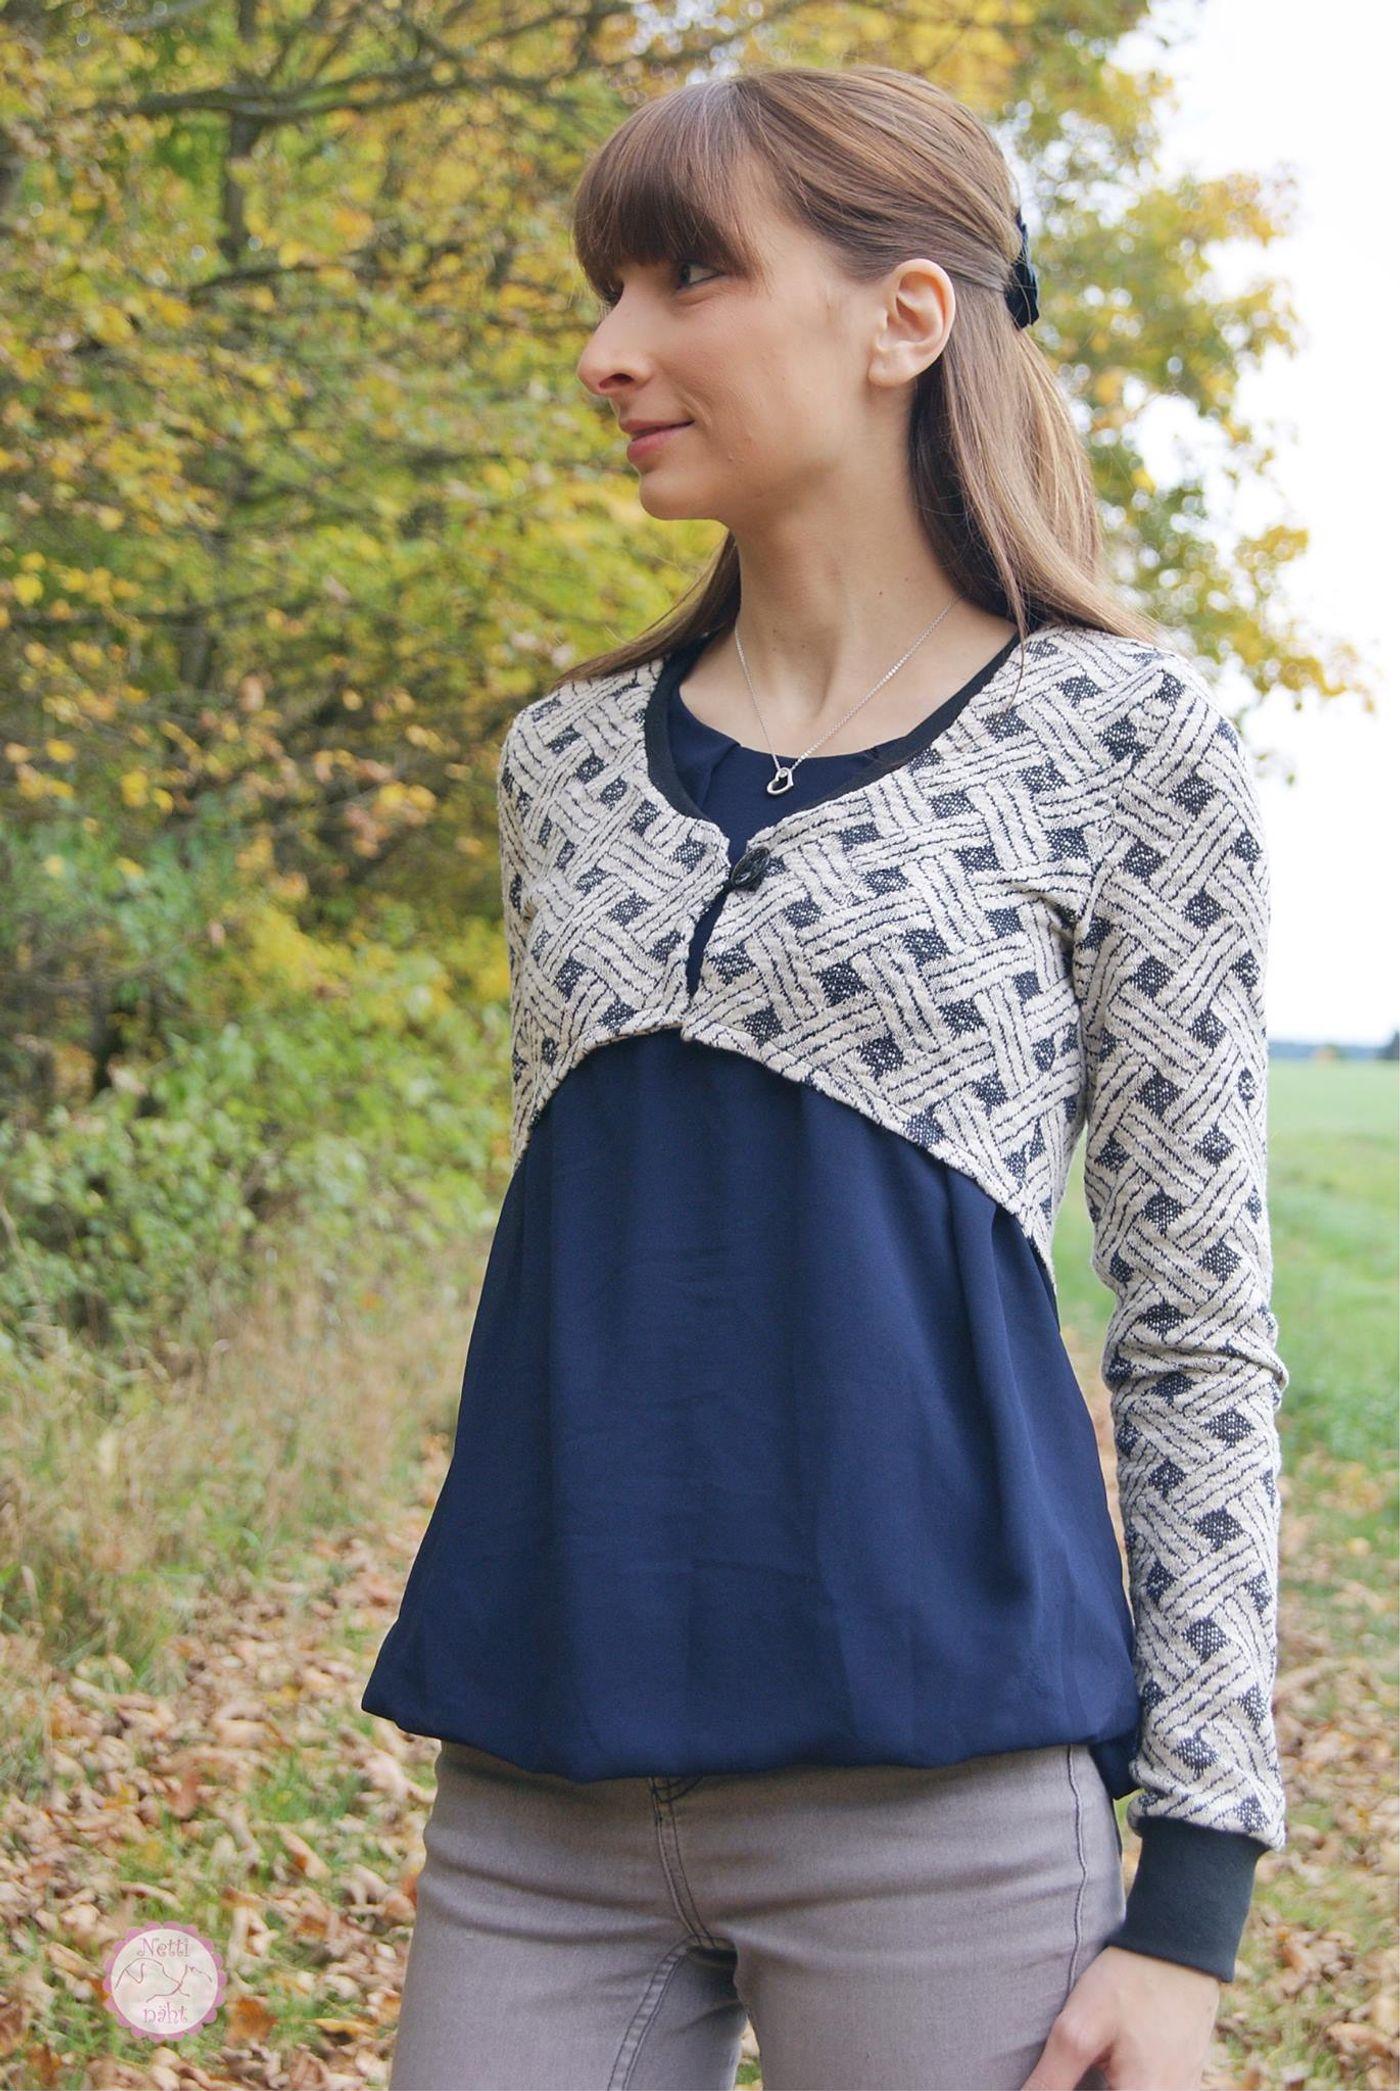 Produktfoto 9 von Katiela für Schnittmuster Ebook Boho Bolero Frauen und Mädchen